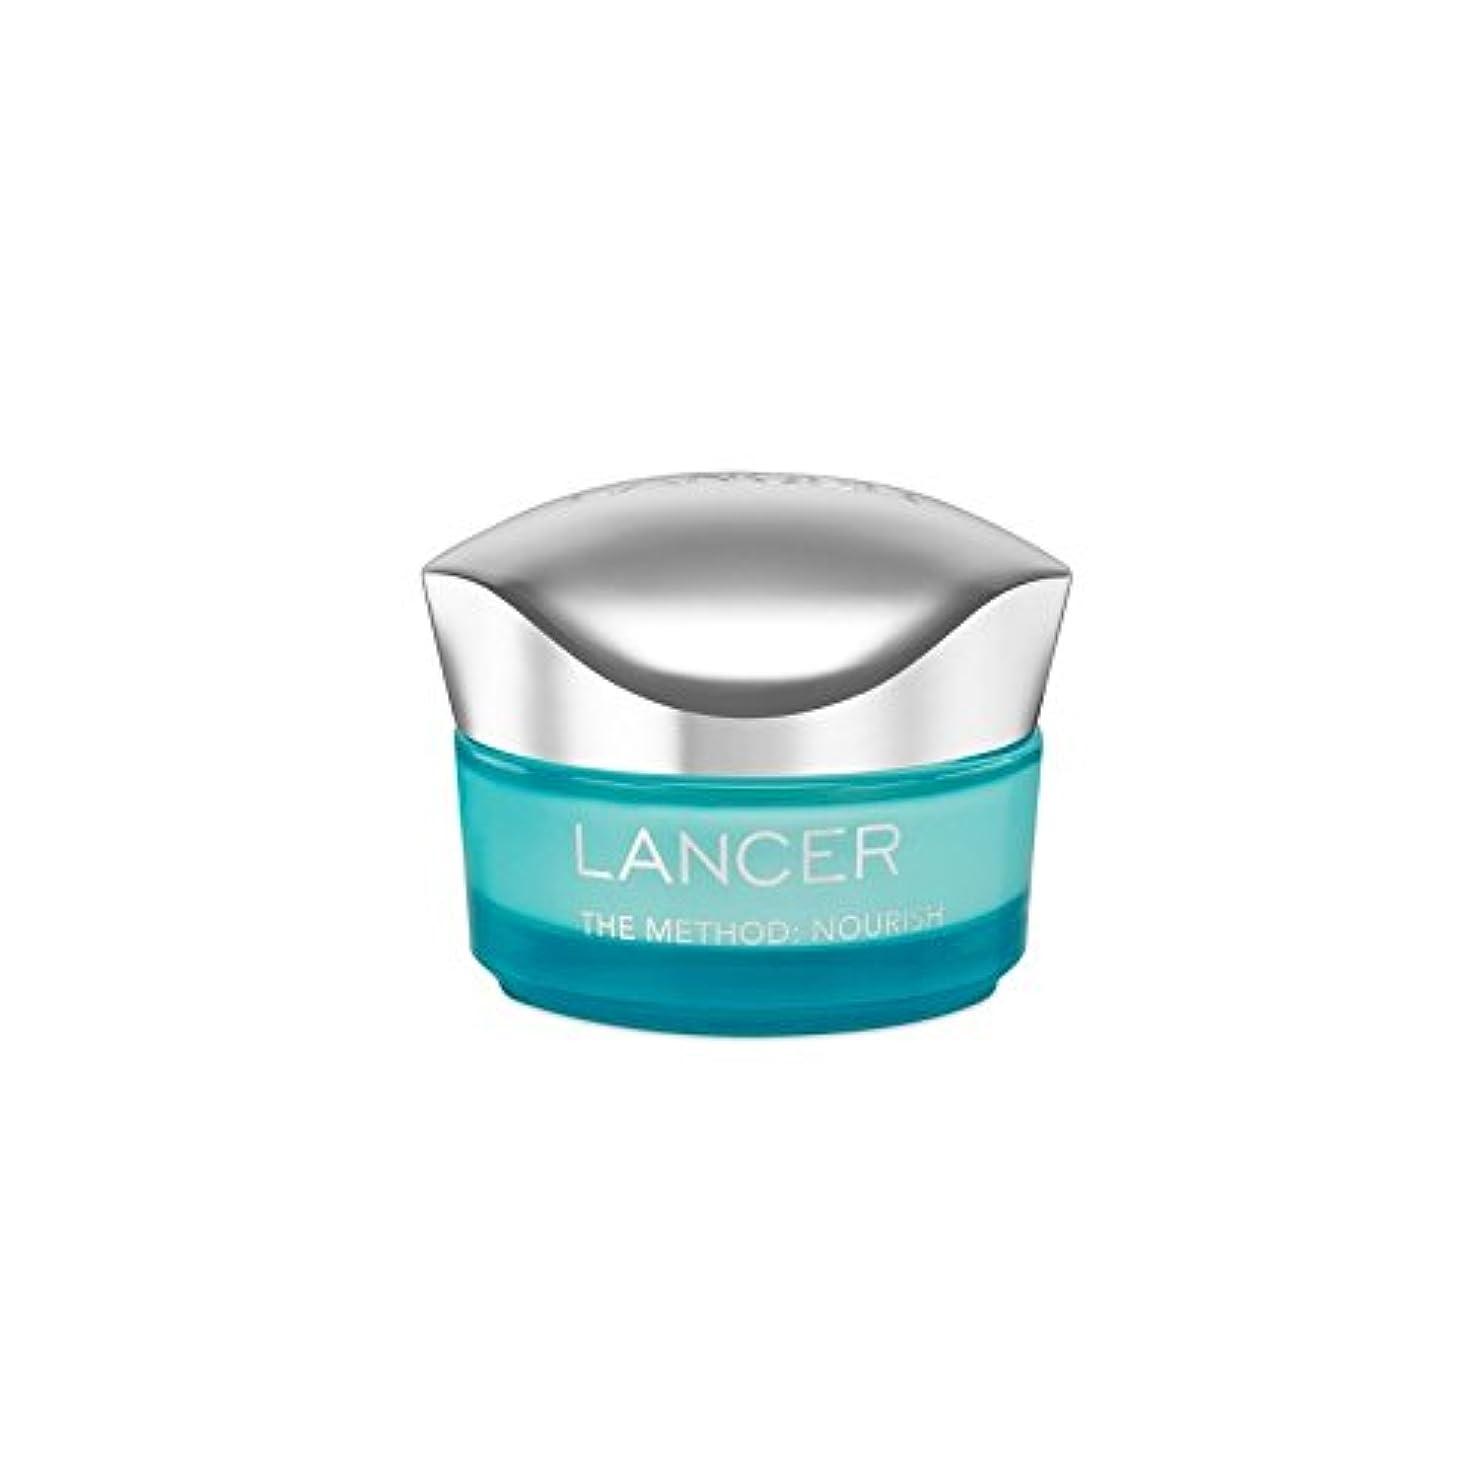 ニュースキャンバス路面電車Lancer Skincare The Method: Nourish Moisturiser (50ml) - ランサーは、この方法をスキンケア:モイスチャライザー(50)に栄養を与えます [並行輸入品]